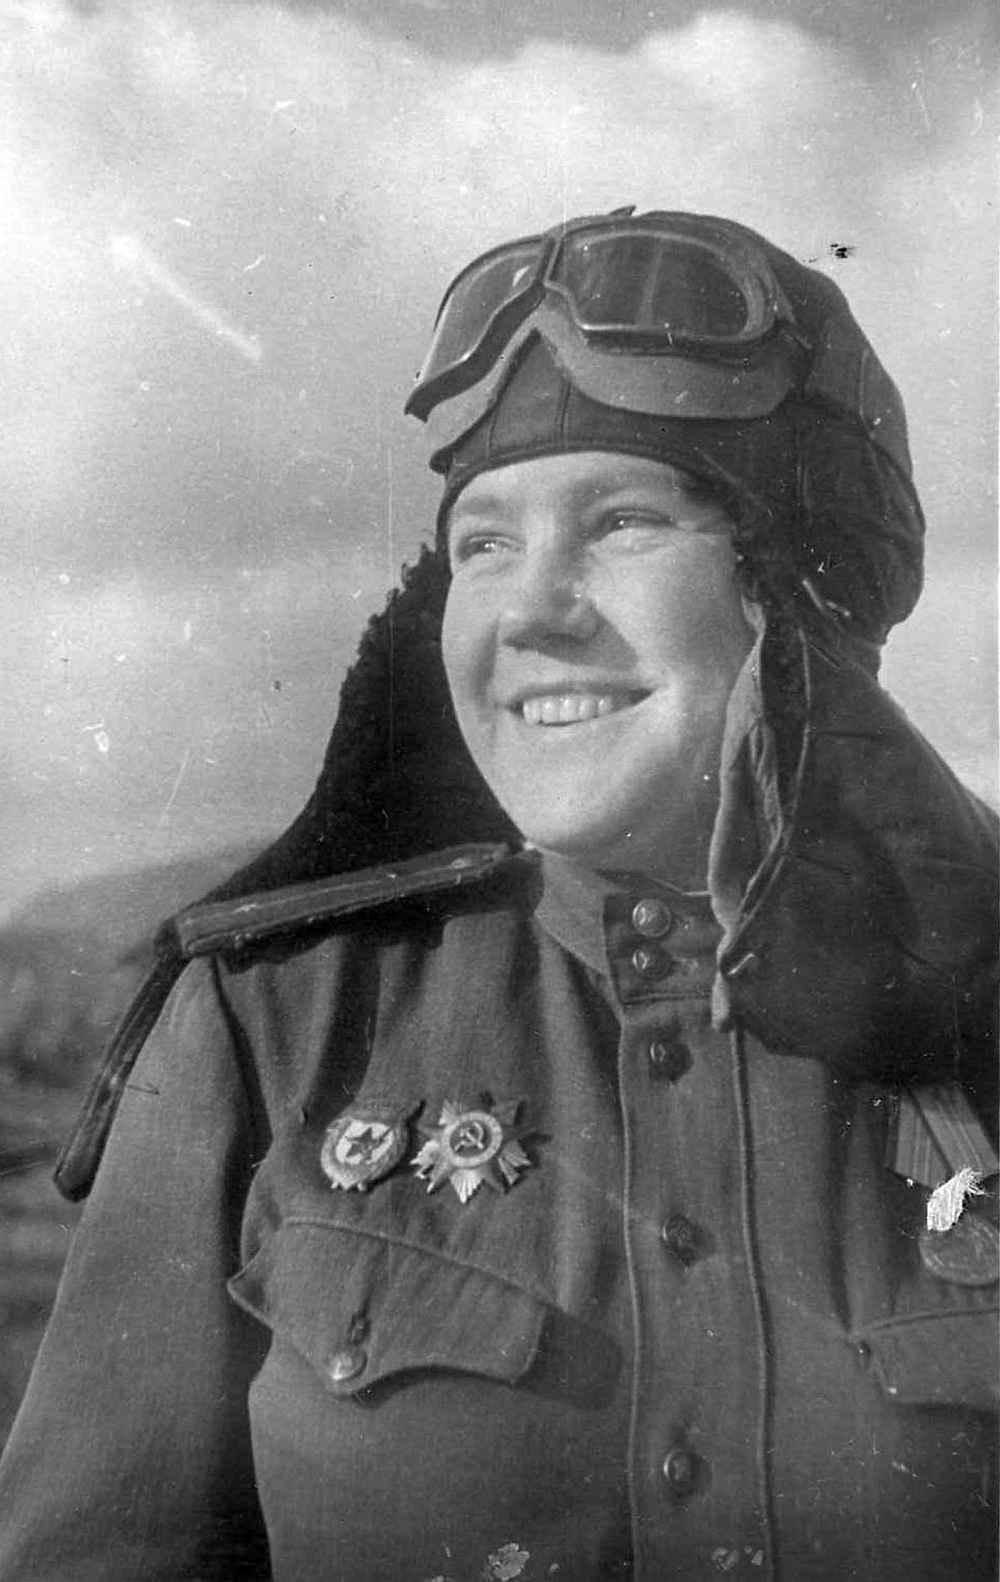 Младший лейтенант Р.В. Юшина